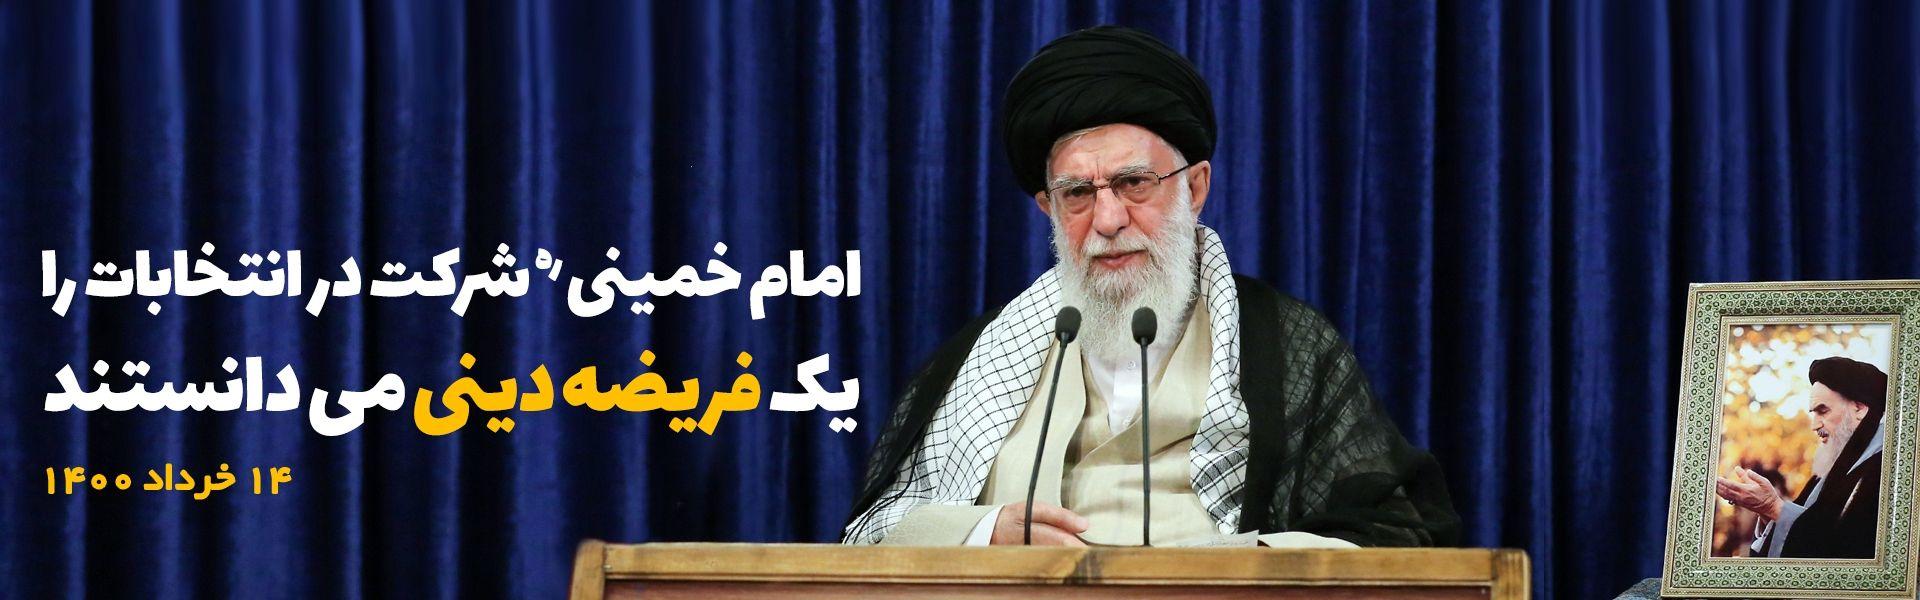 بیانات رهبر انقلاب در 14 خرداد 1400